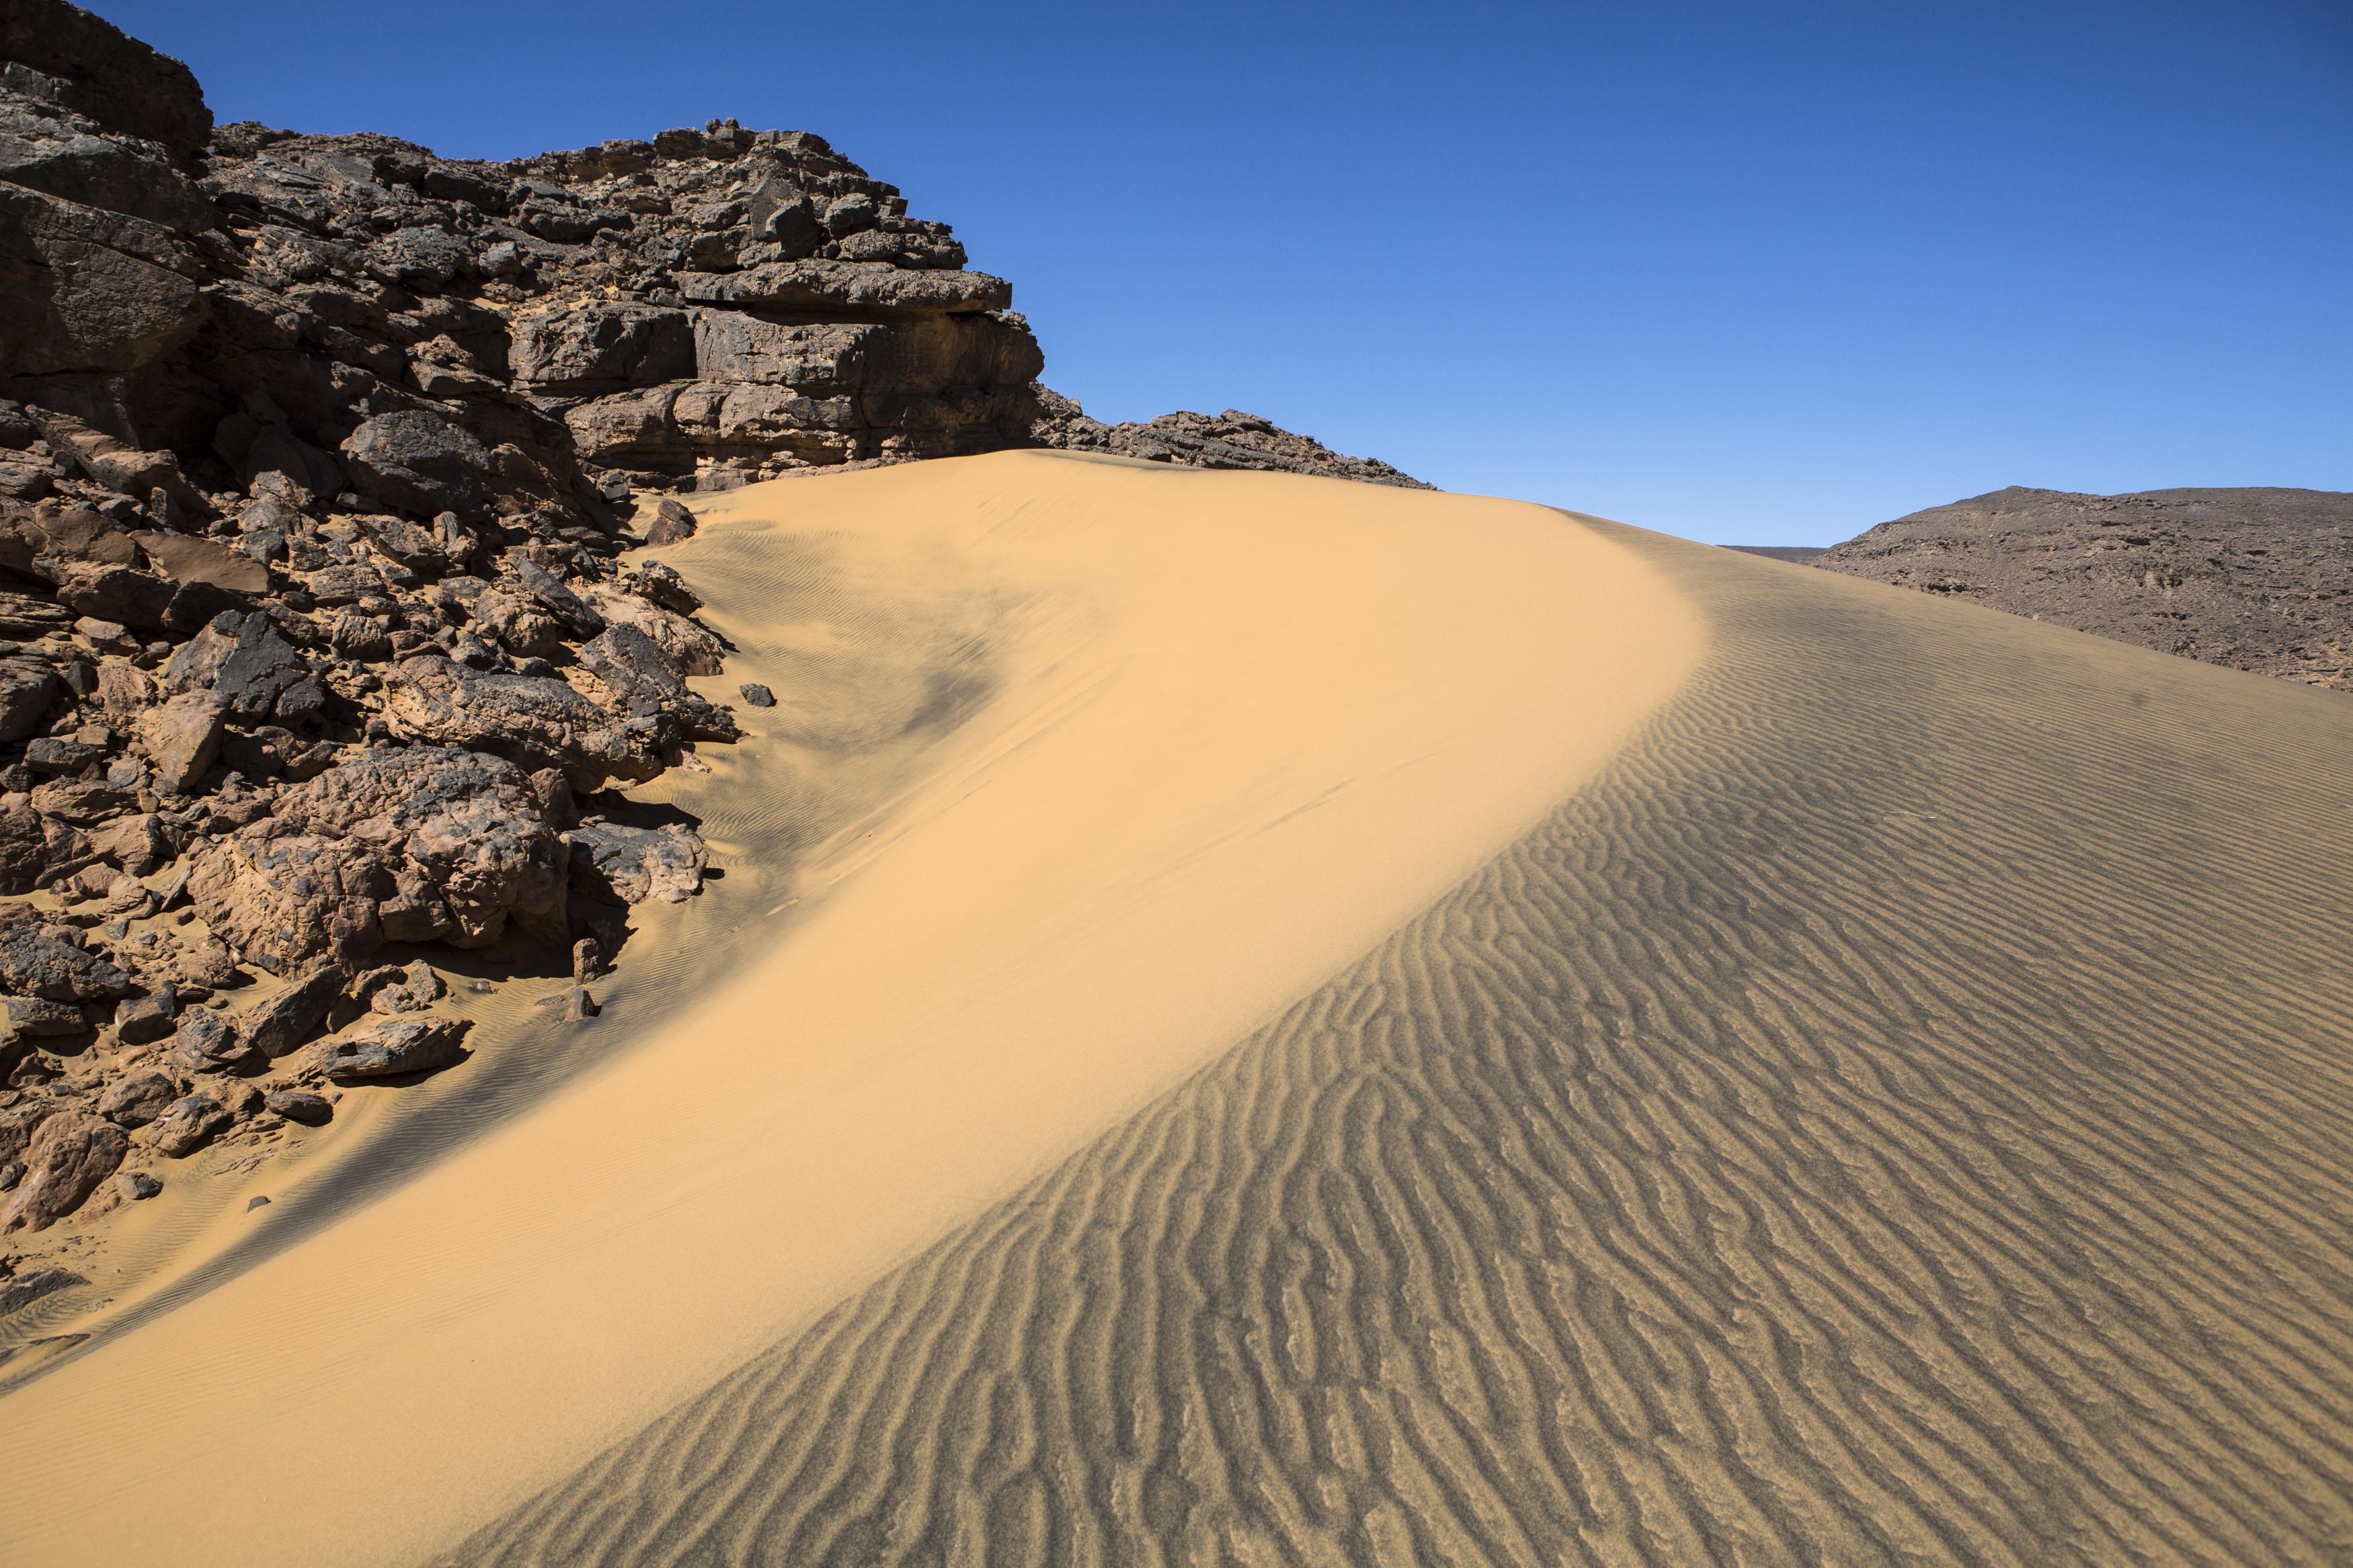 Landscape of the Tadrart.The Tadrart (200 km southeast of Djanet) is located in the south of the Tassili N'Ajjer National Park and is part of one of the most beautiful desert in the world but above all the central Sahara.From huge canyons to cliffs carved with rocky peaks of various shapes mix with dunes of colored sand with yellow and red reflections. The Tadrart, Algeria-February 5, 2017. Paysage de la Tadrart. La Tadrart (200 km au sud-est de Djanet) se situe dans le sud du Parc National du Tassili N'Ajjer et il fait partie d'un des plus beau désert au monde mais avant tout du Sahara central. D'immenses canyons aux falaises sculptées avec de pitons rocheux aux formes les plus diverses  se mélangent avec des dunes de sable coloré aux reflets jaune et rouge. La Tadrart,, Algérie-5 février 2017.